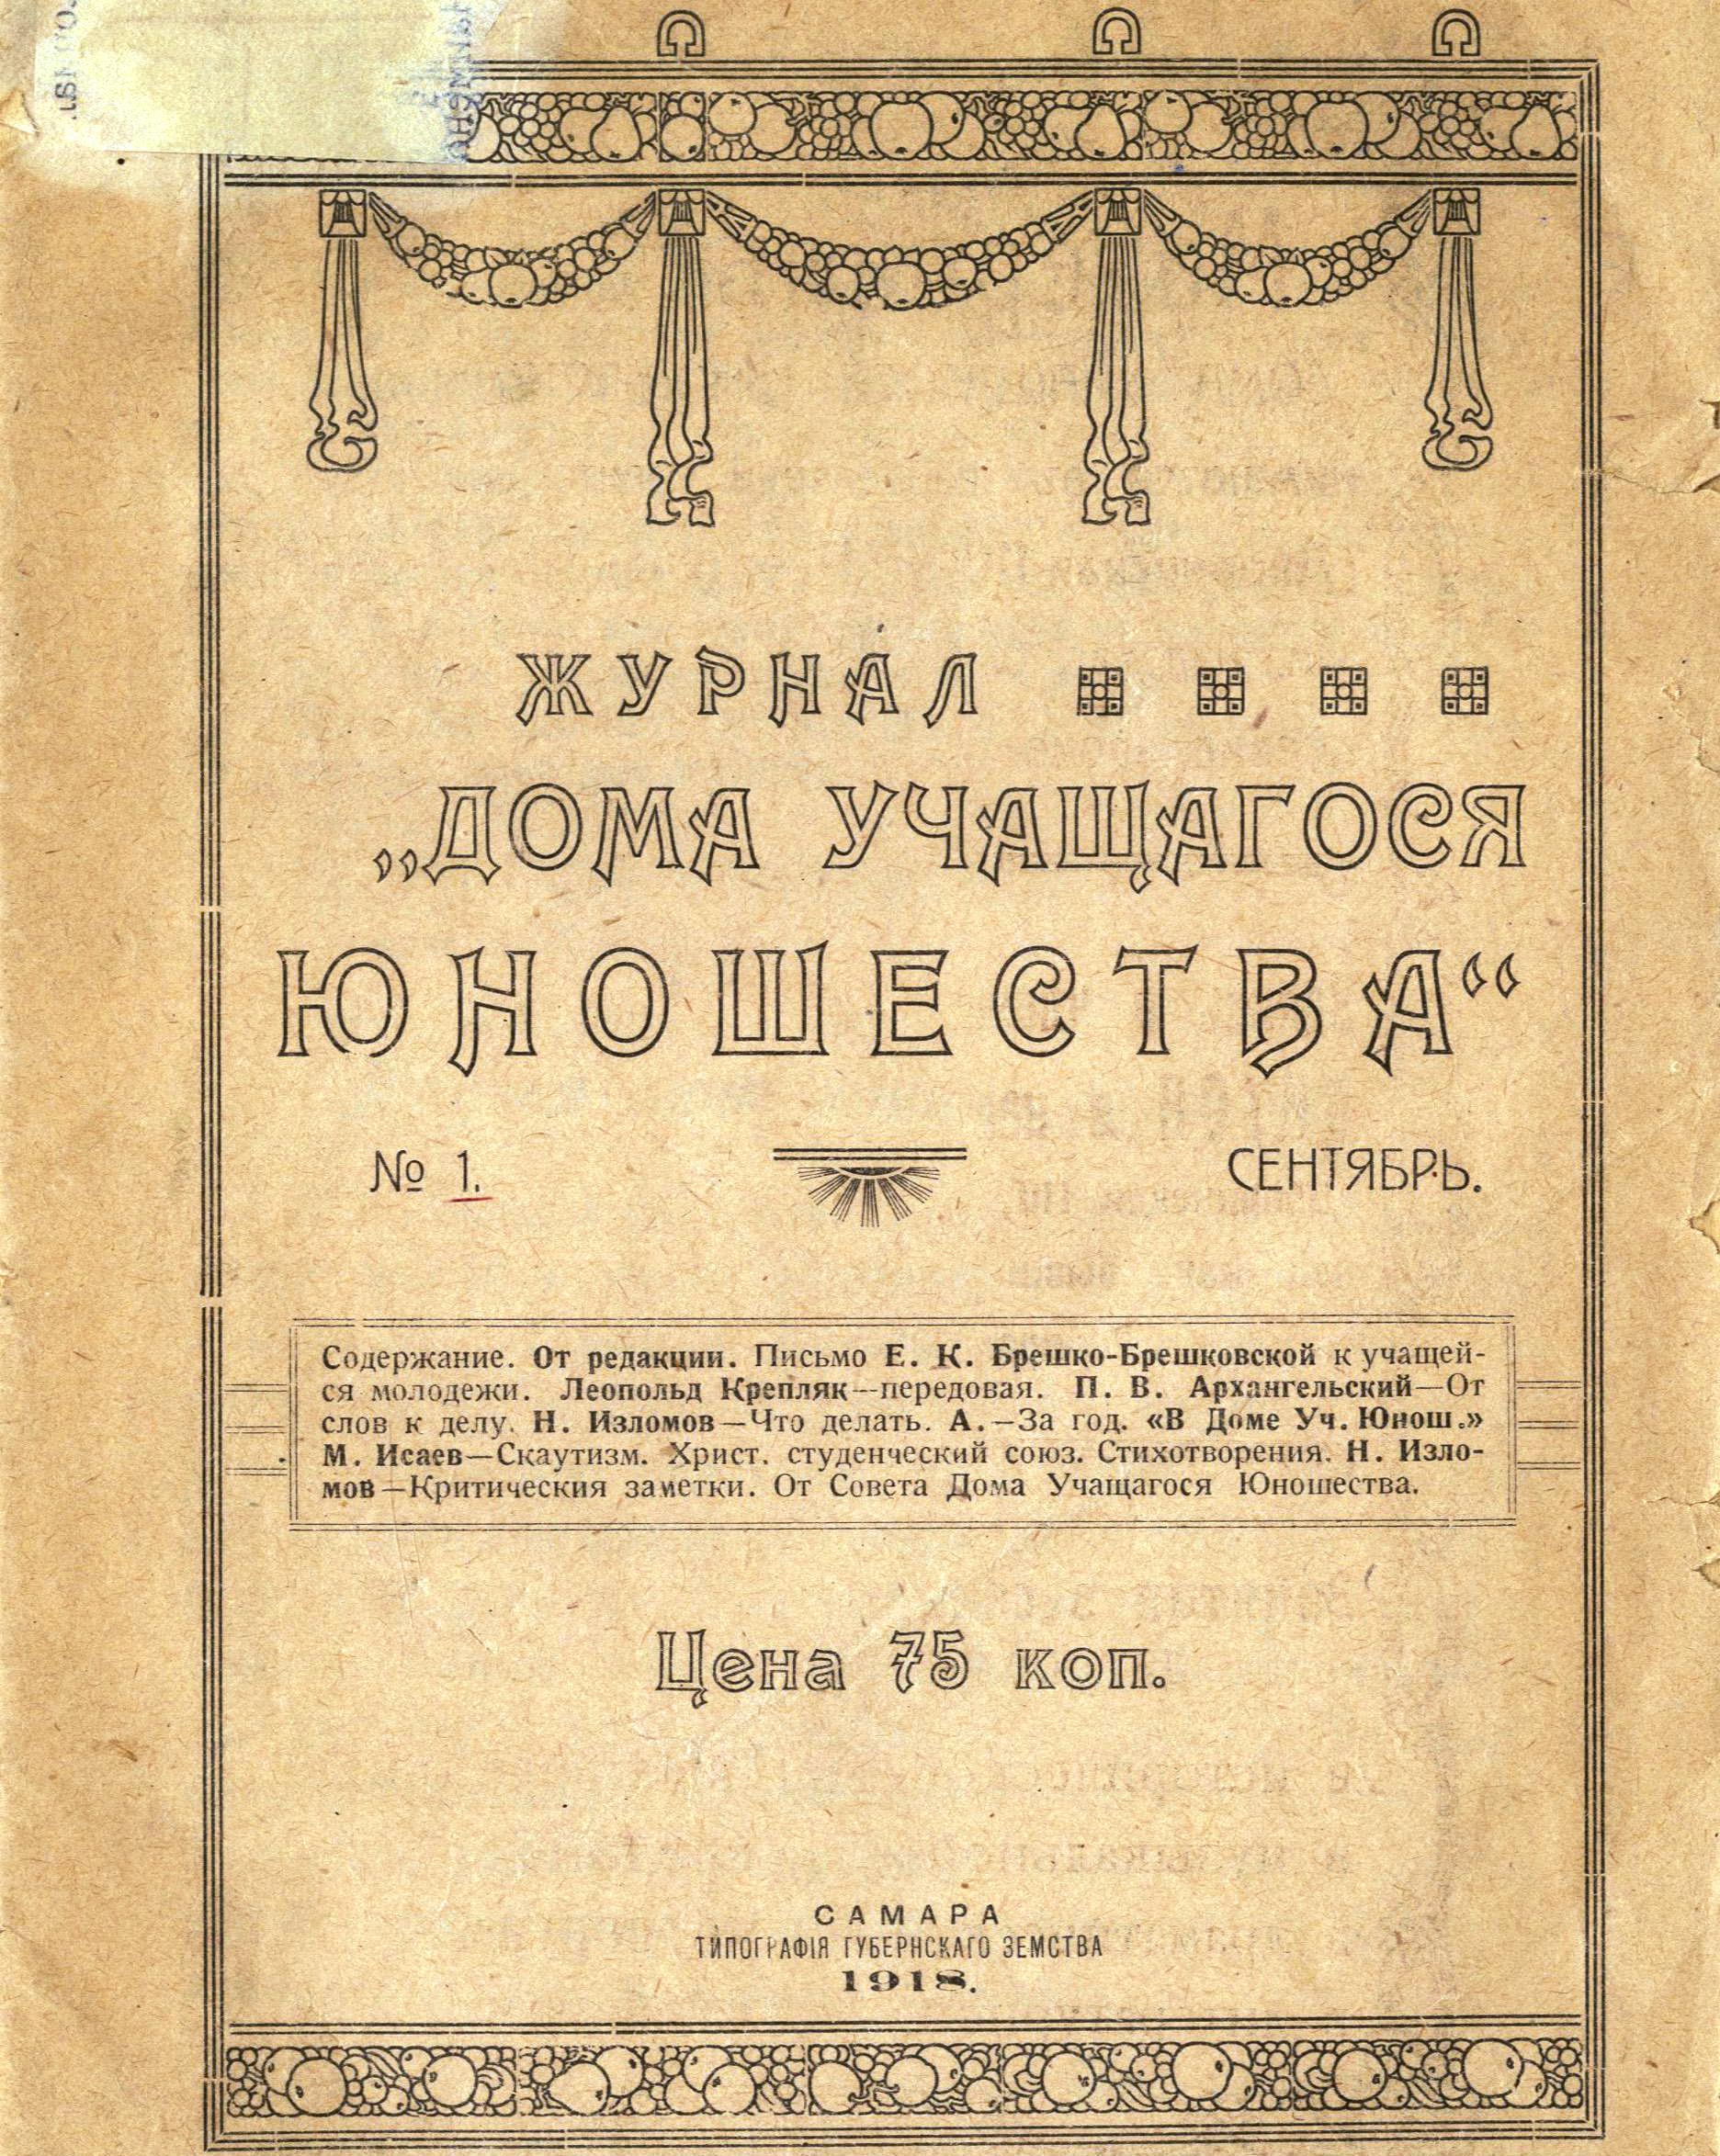 06 Обложка журнала Дома учащегося юношества. 1918 год